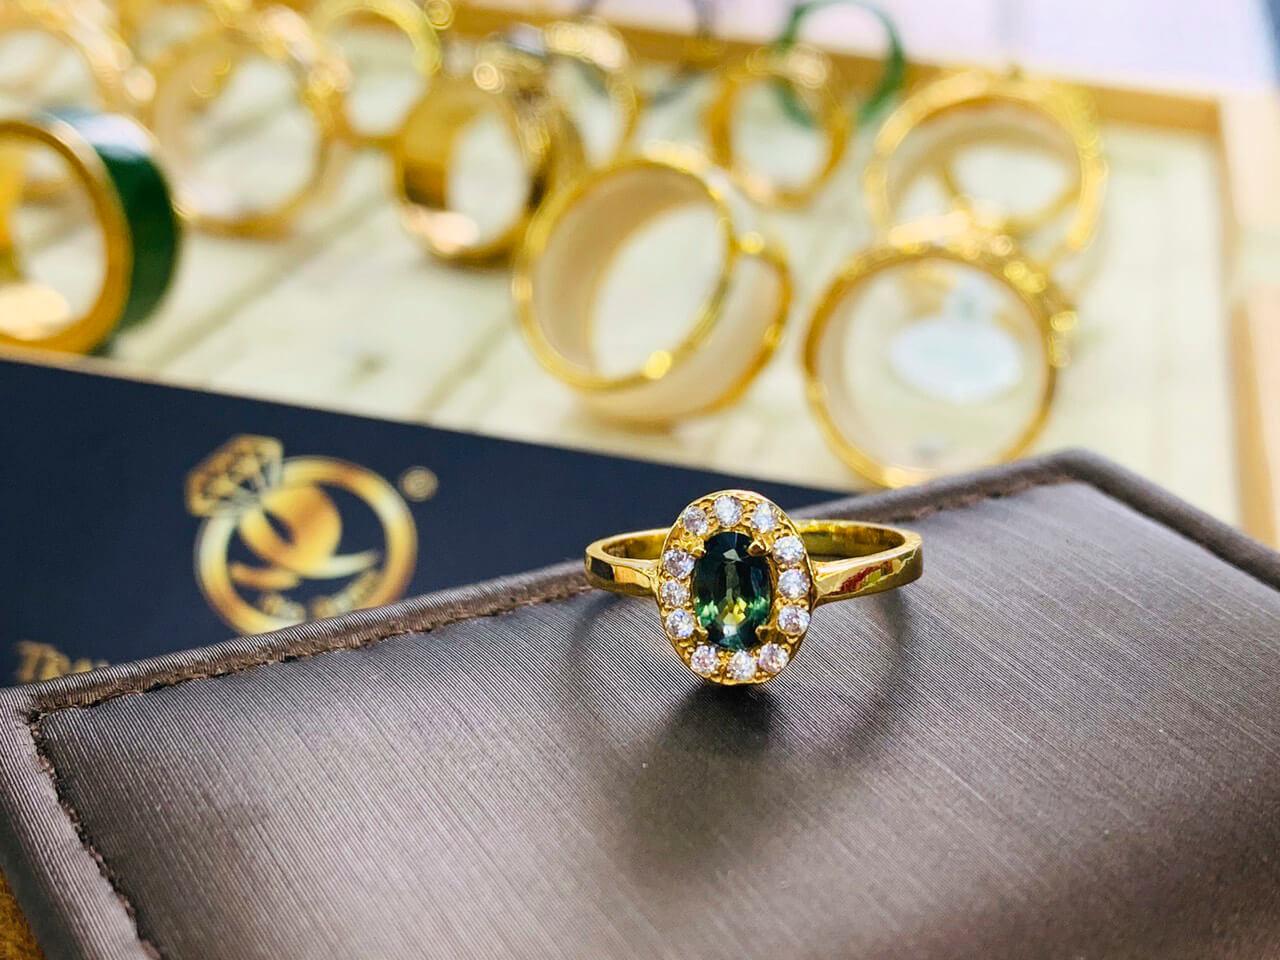 Nhẫn nữ vàng 18K đính Sapphire xanh chuối Phan Thiết đẹp